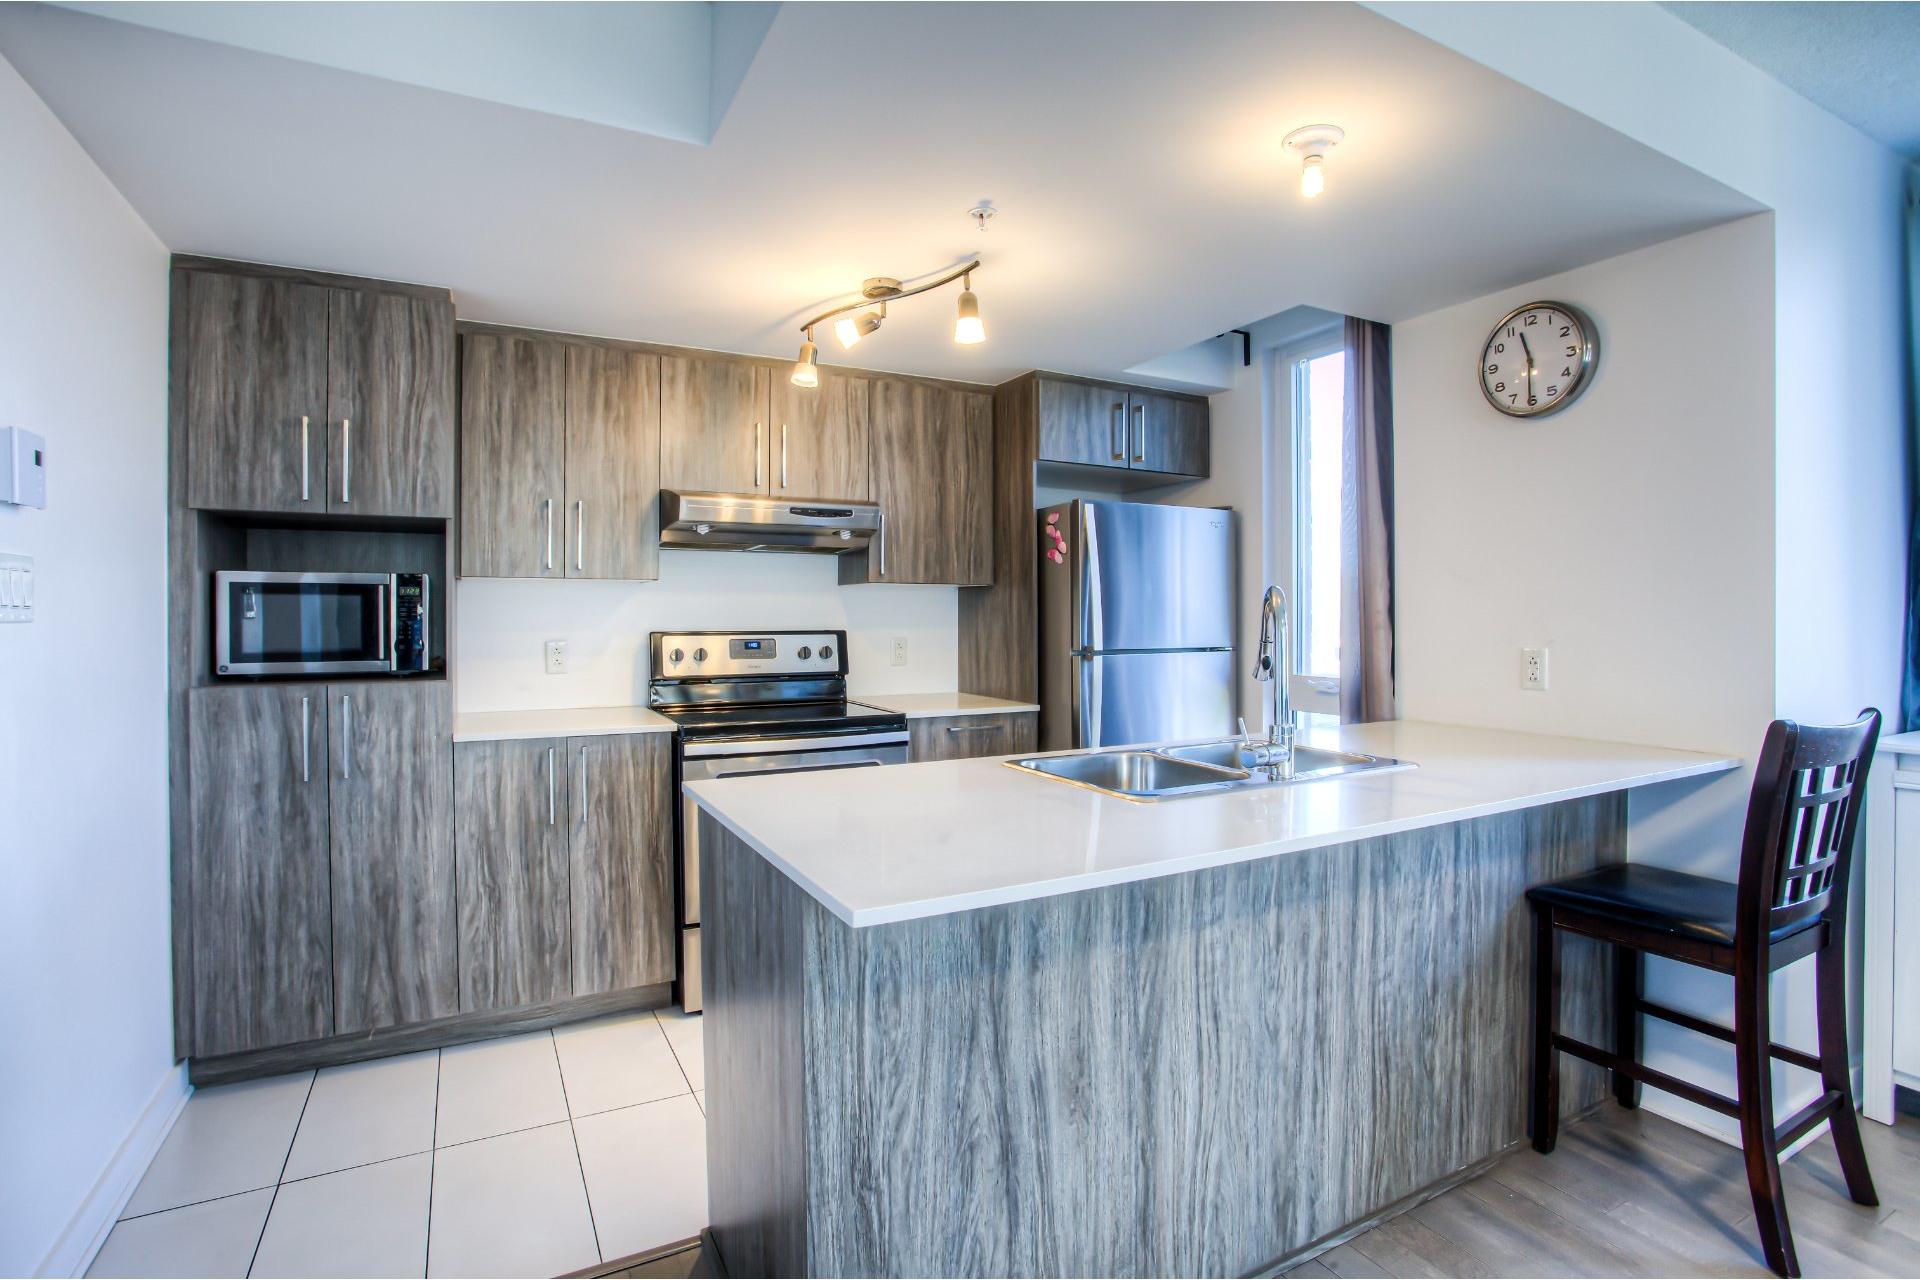 image 4 - Apartment For sale Ahuntsic-Cartierville Montréal  - 7 rooms